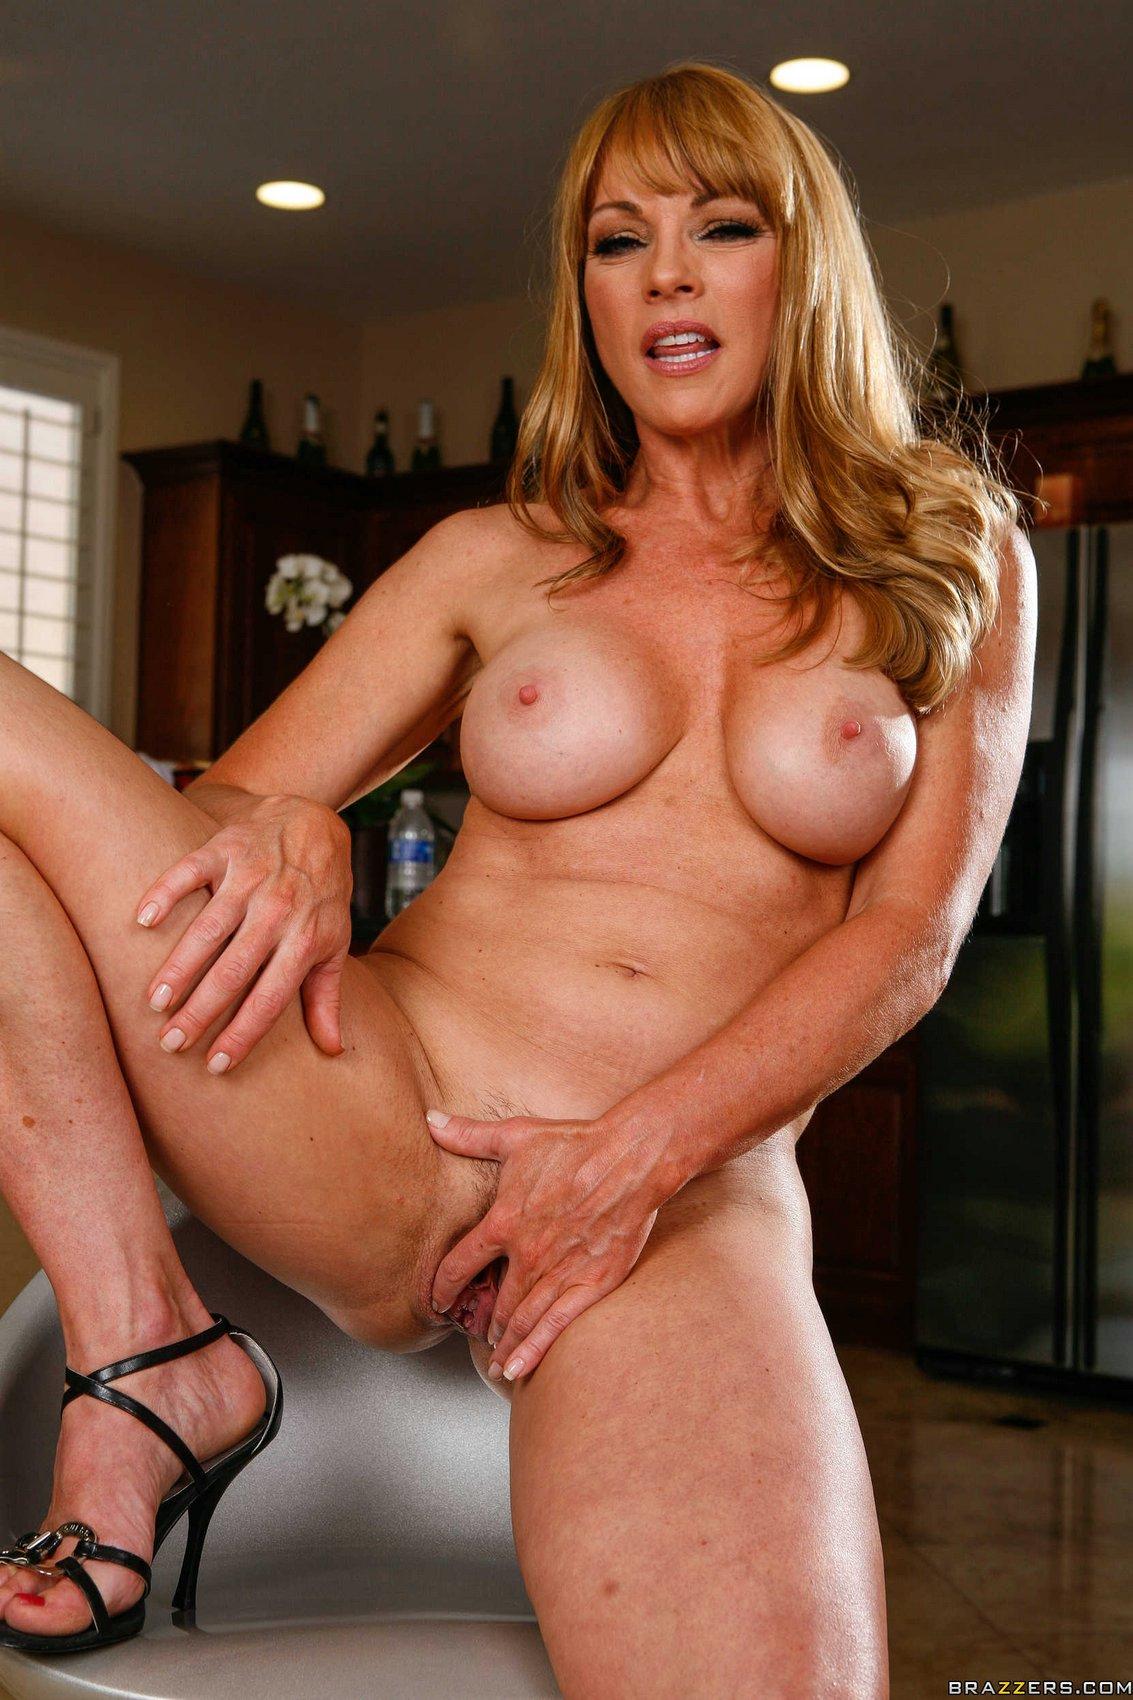 Shayla laveaux porn thanks